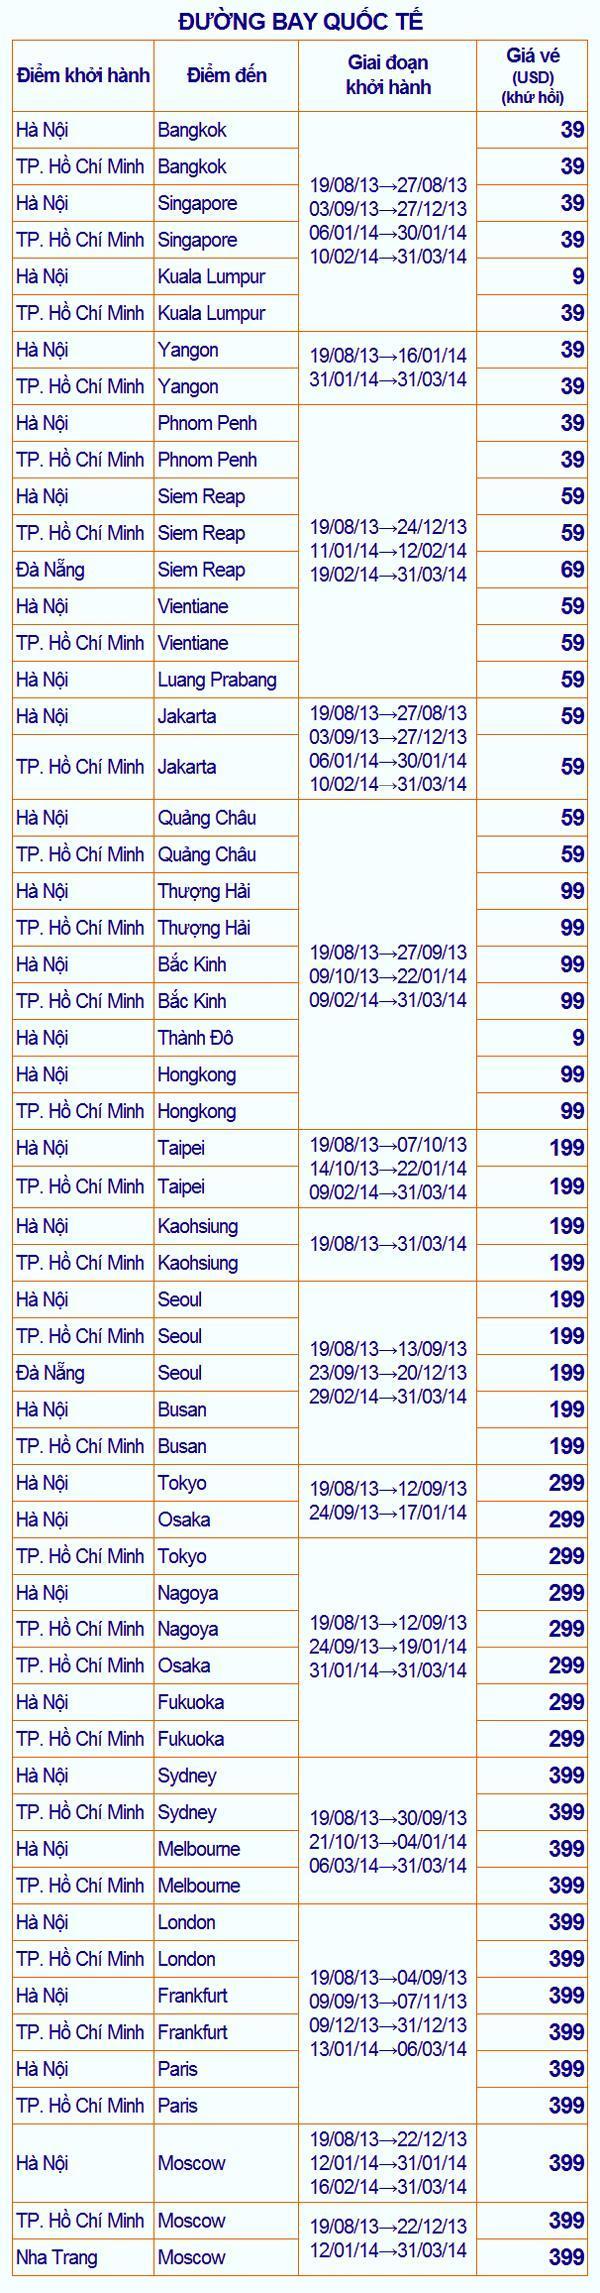 vé máy bay giá rẻ vietnam airlines - book vé Vietnam Airlines